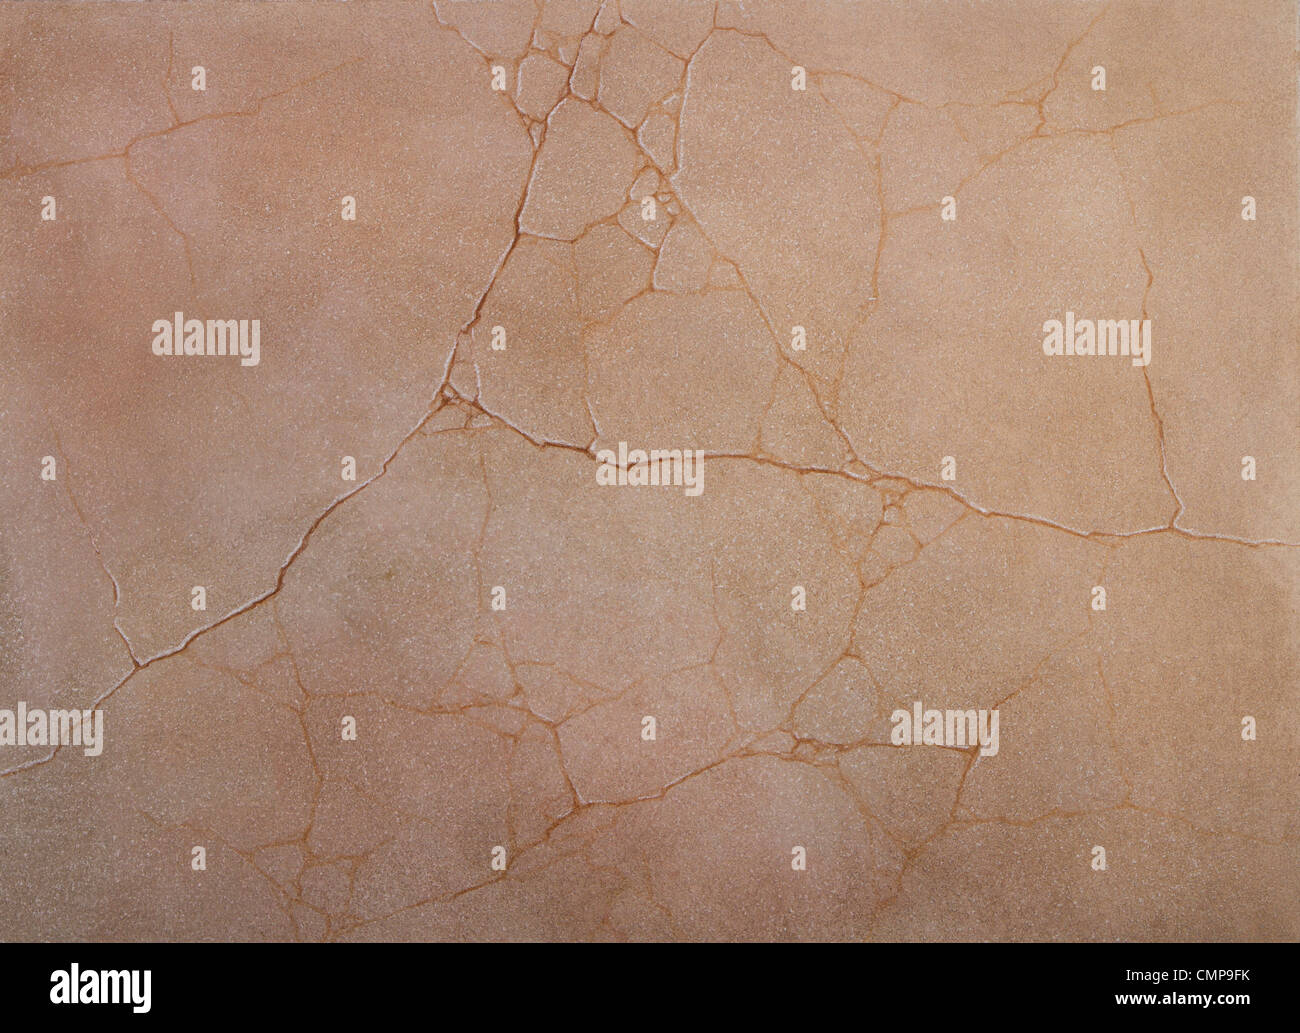 Textura gruesa del cemento agrietado las paredes cubiertas con pintura rosa Imagen De Stock